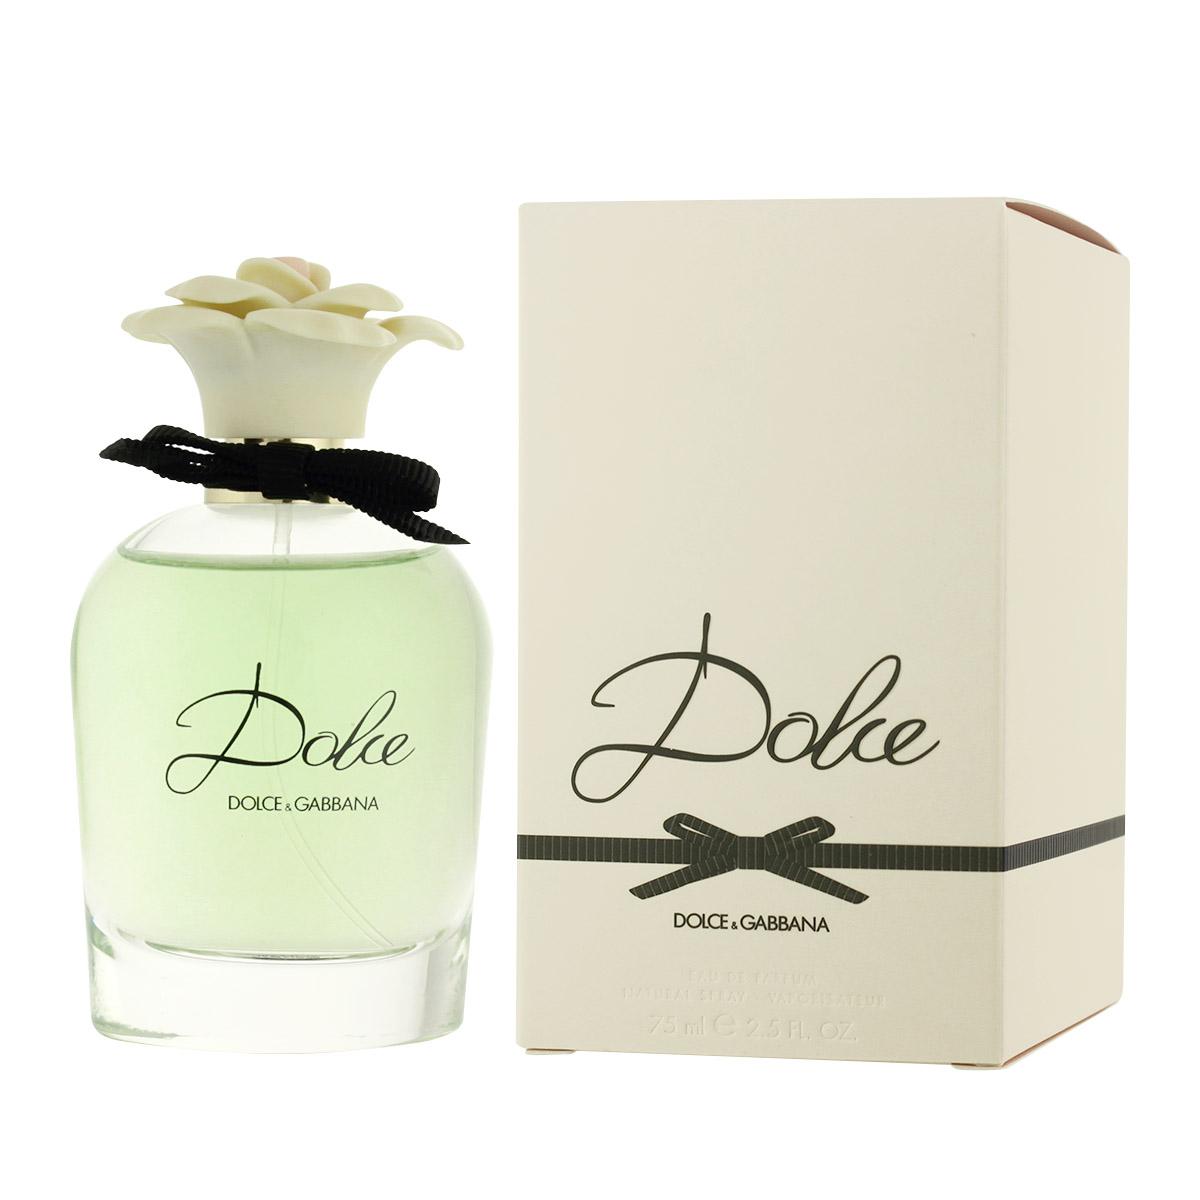 Dolce & Gabbana Dolce EDP 75 ml W